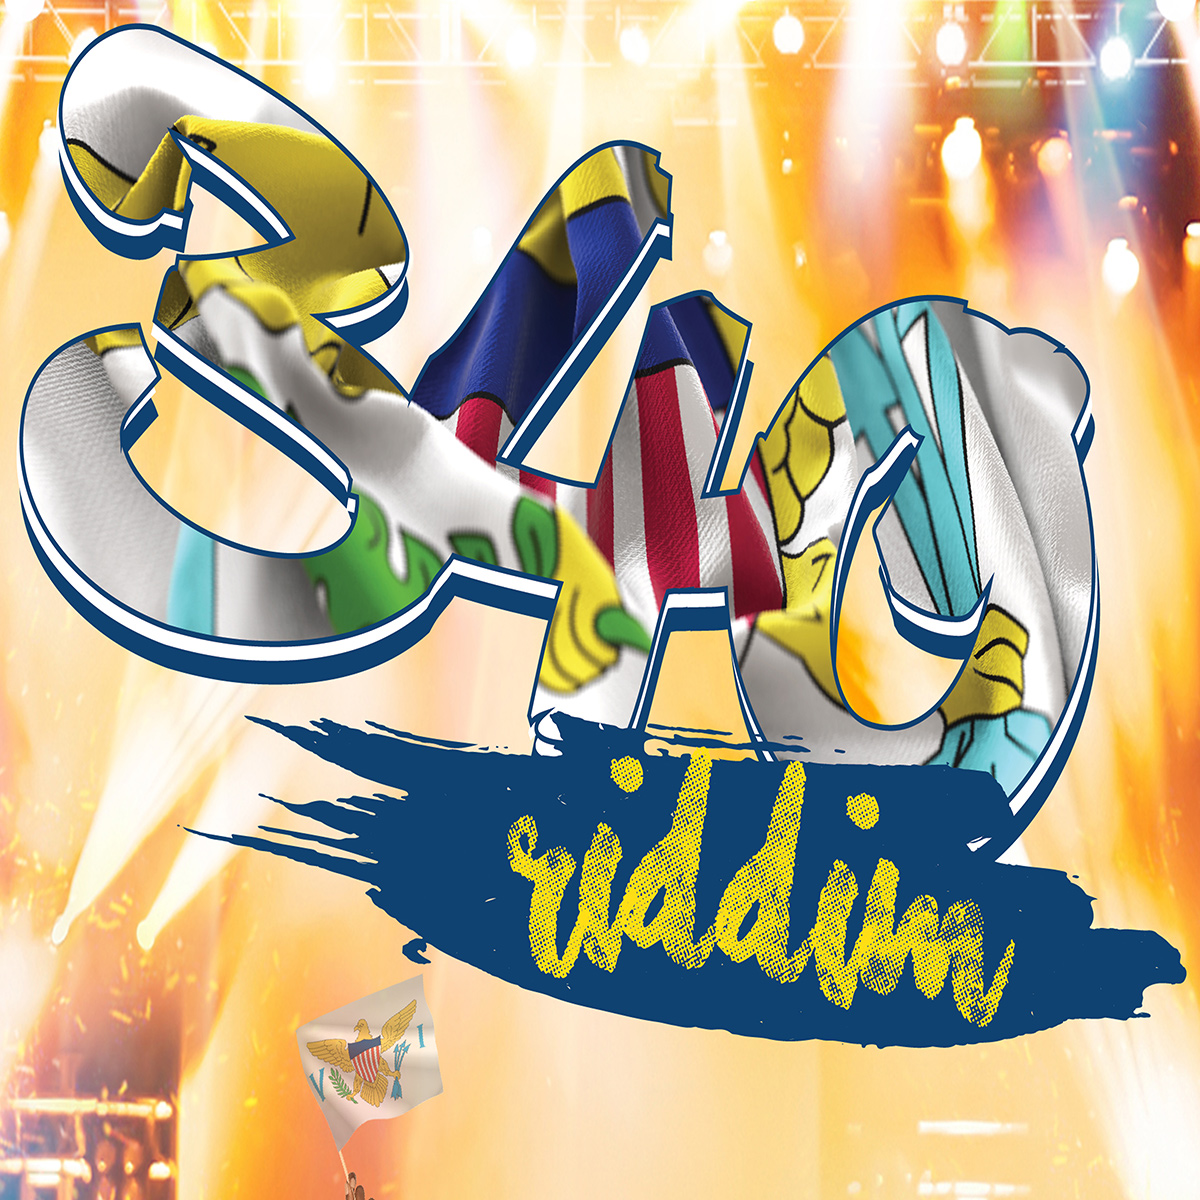 340 Riddim featuring Spectrum Band | Fire Online Radio